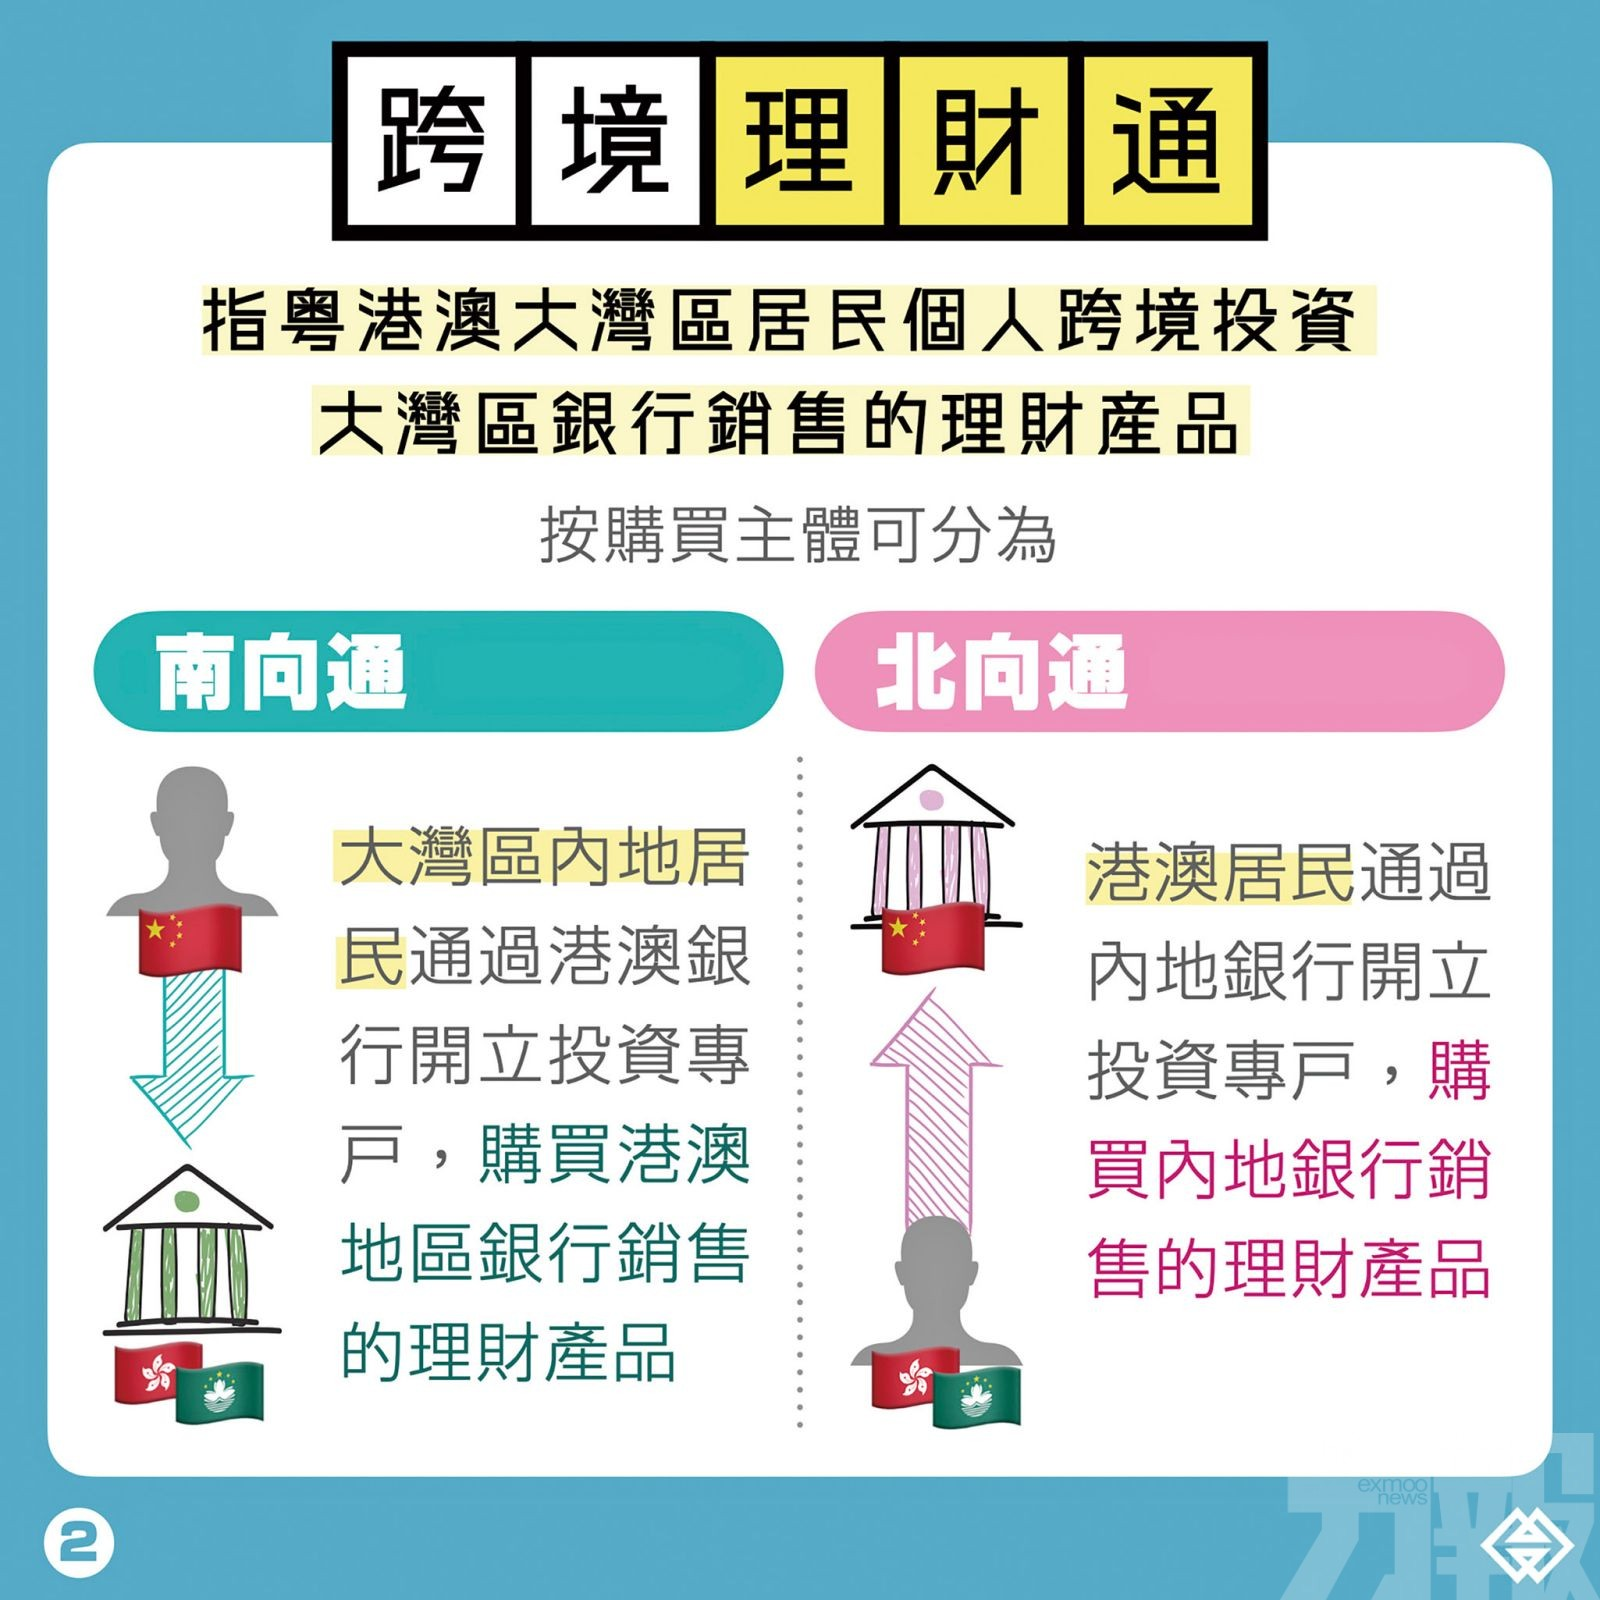 居民可跨境投資銀行理財產品